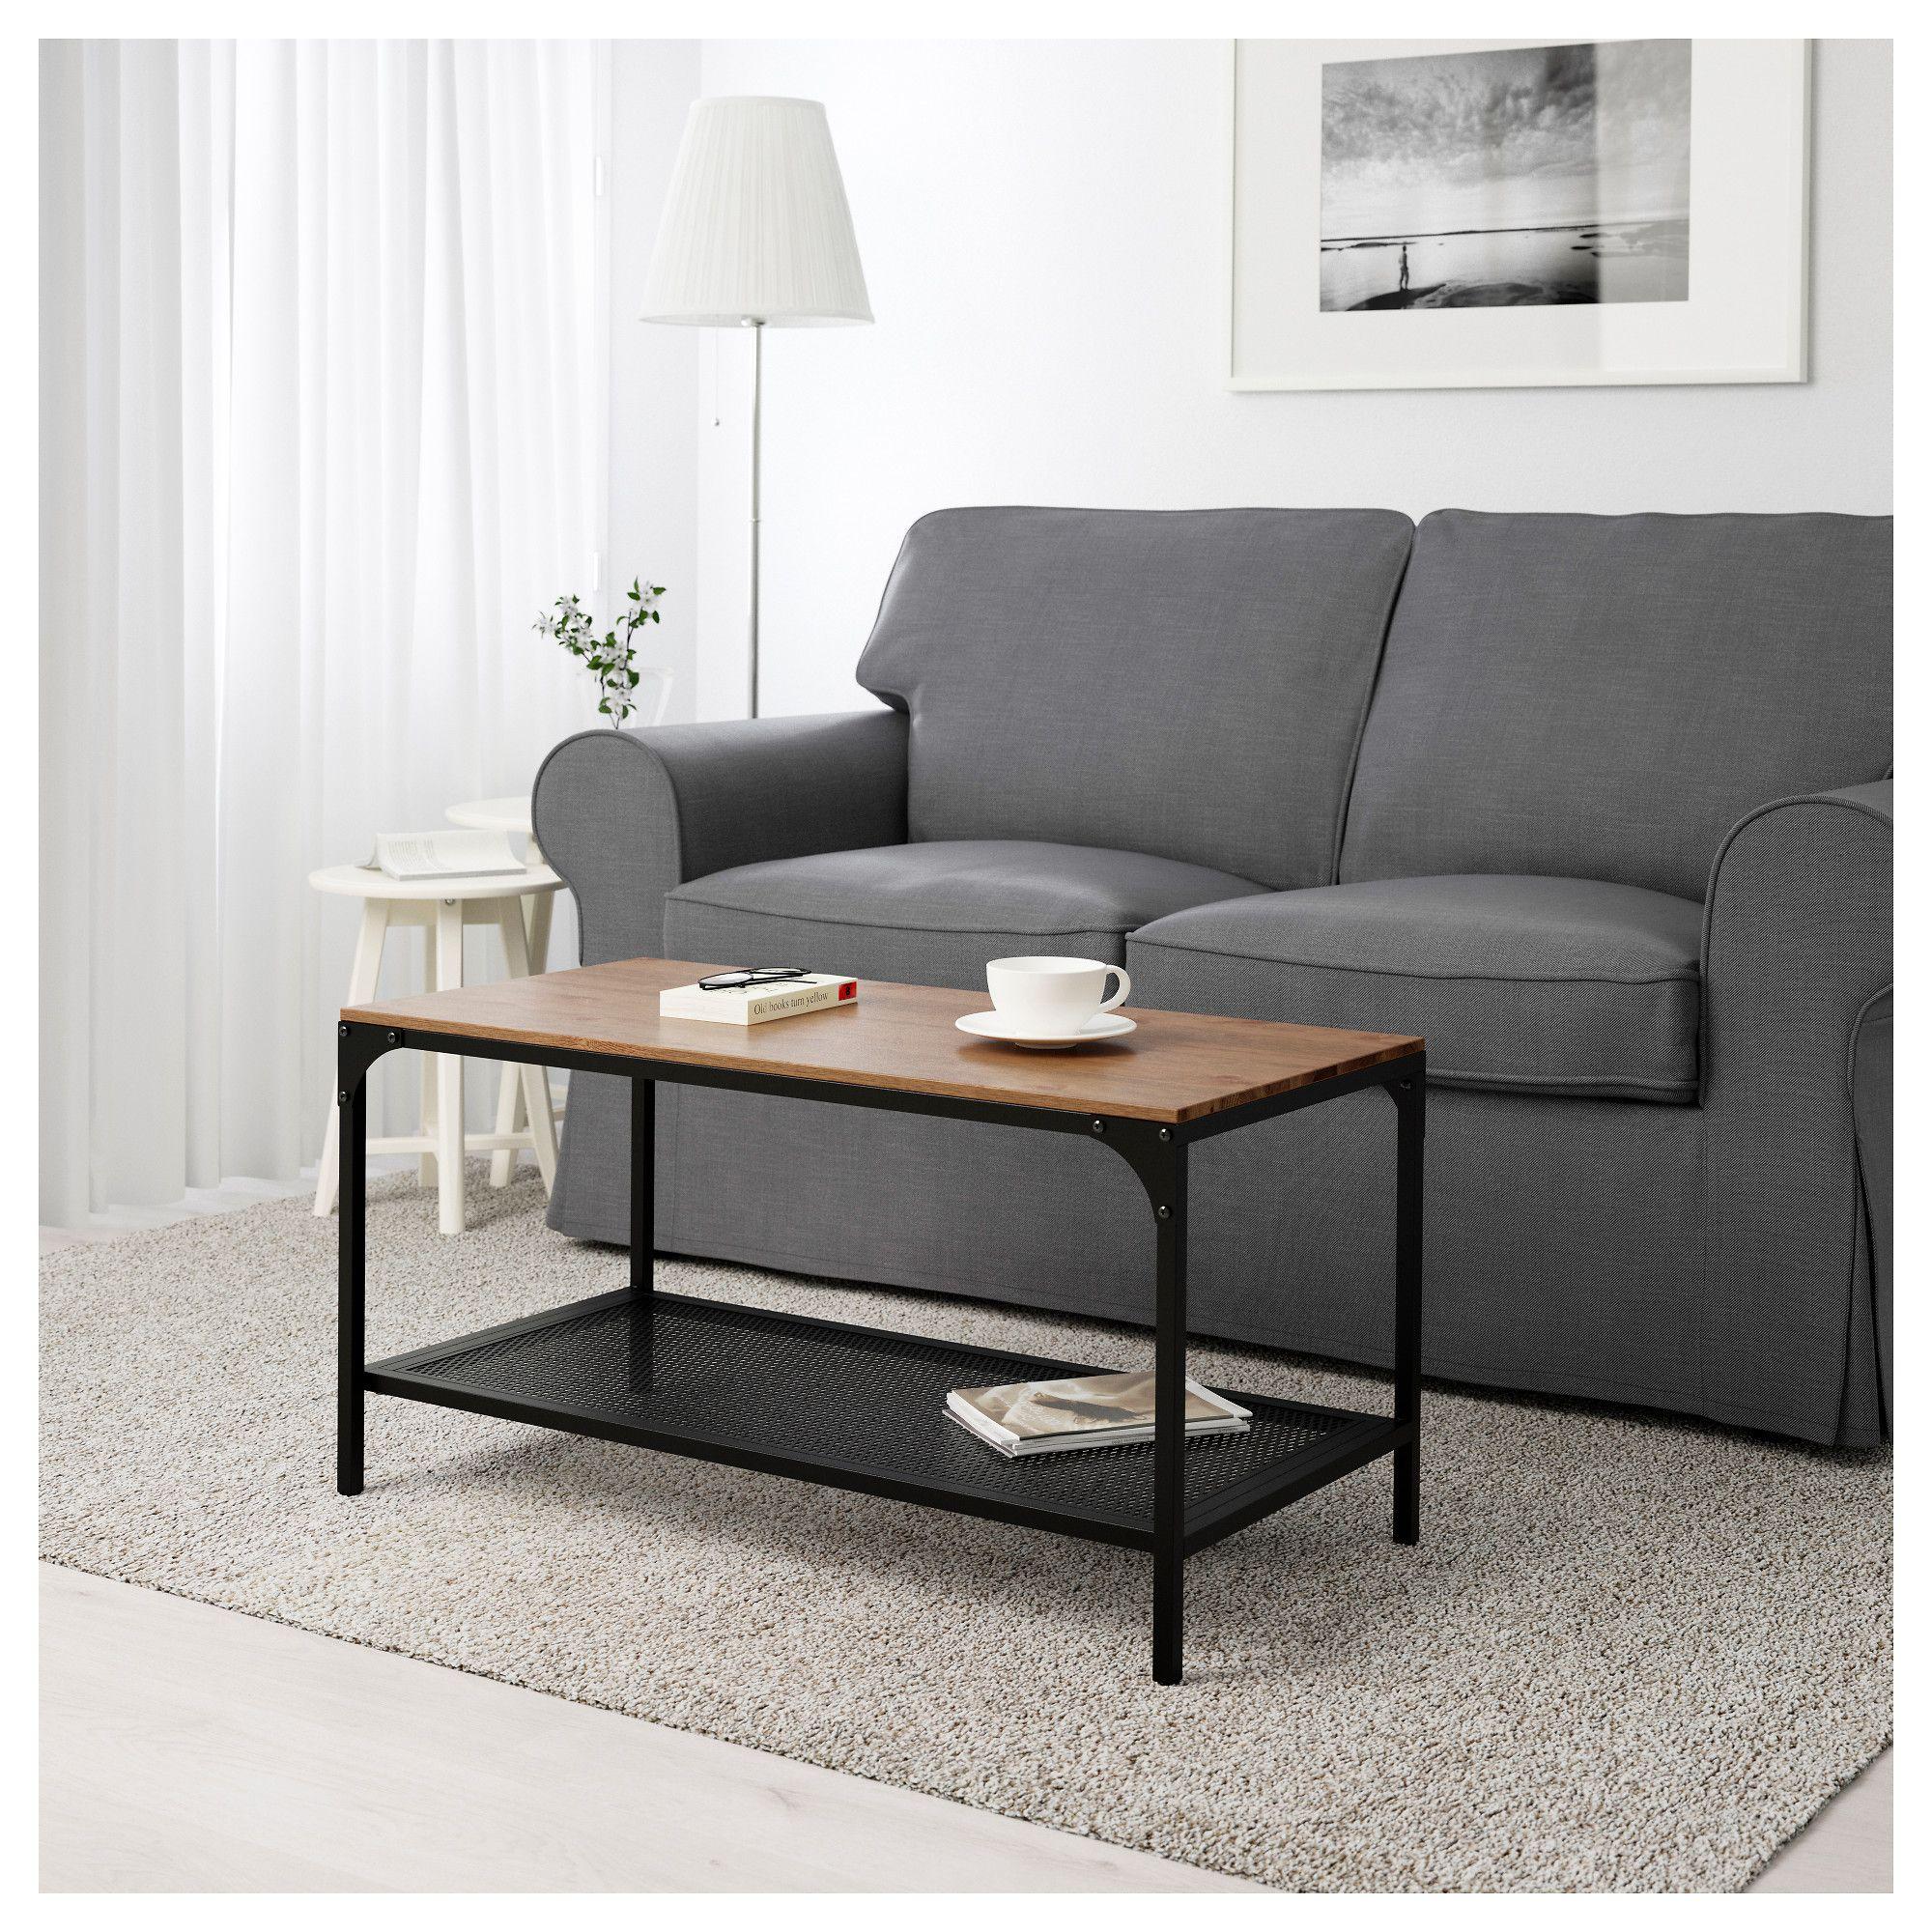 Ikea Fjallbo Black Coffee Table Ikea Coffee Table Furniture